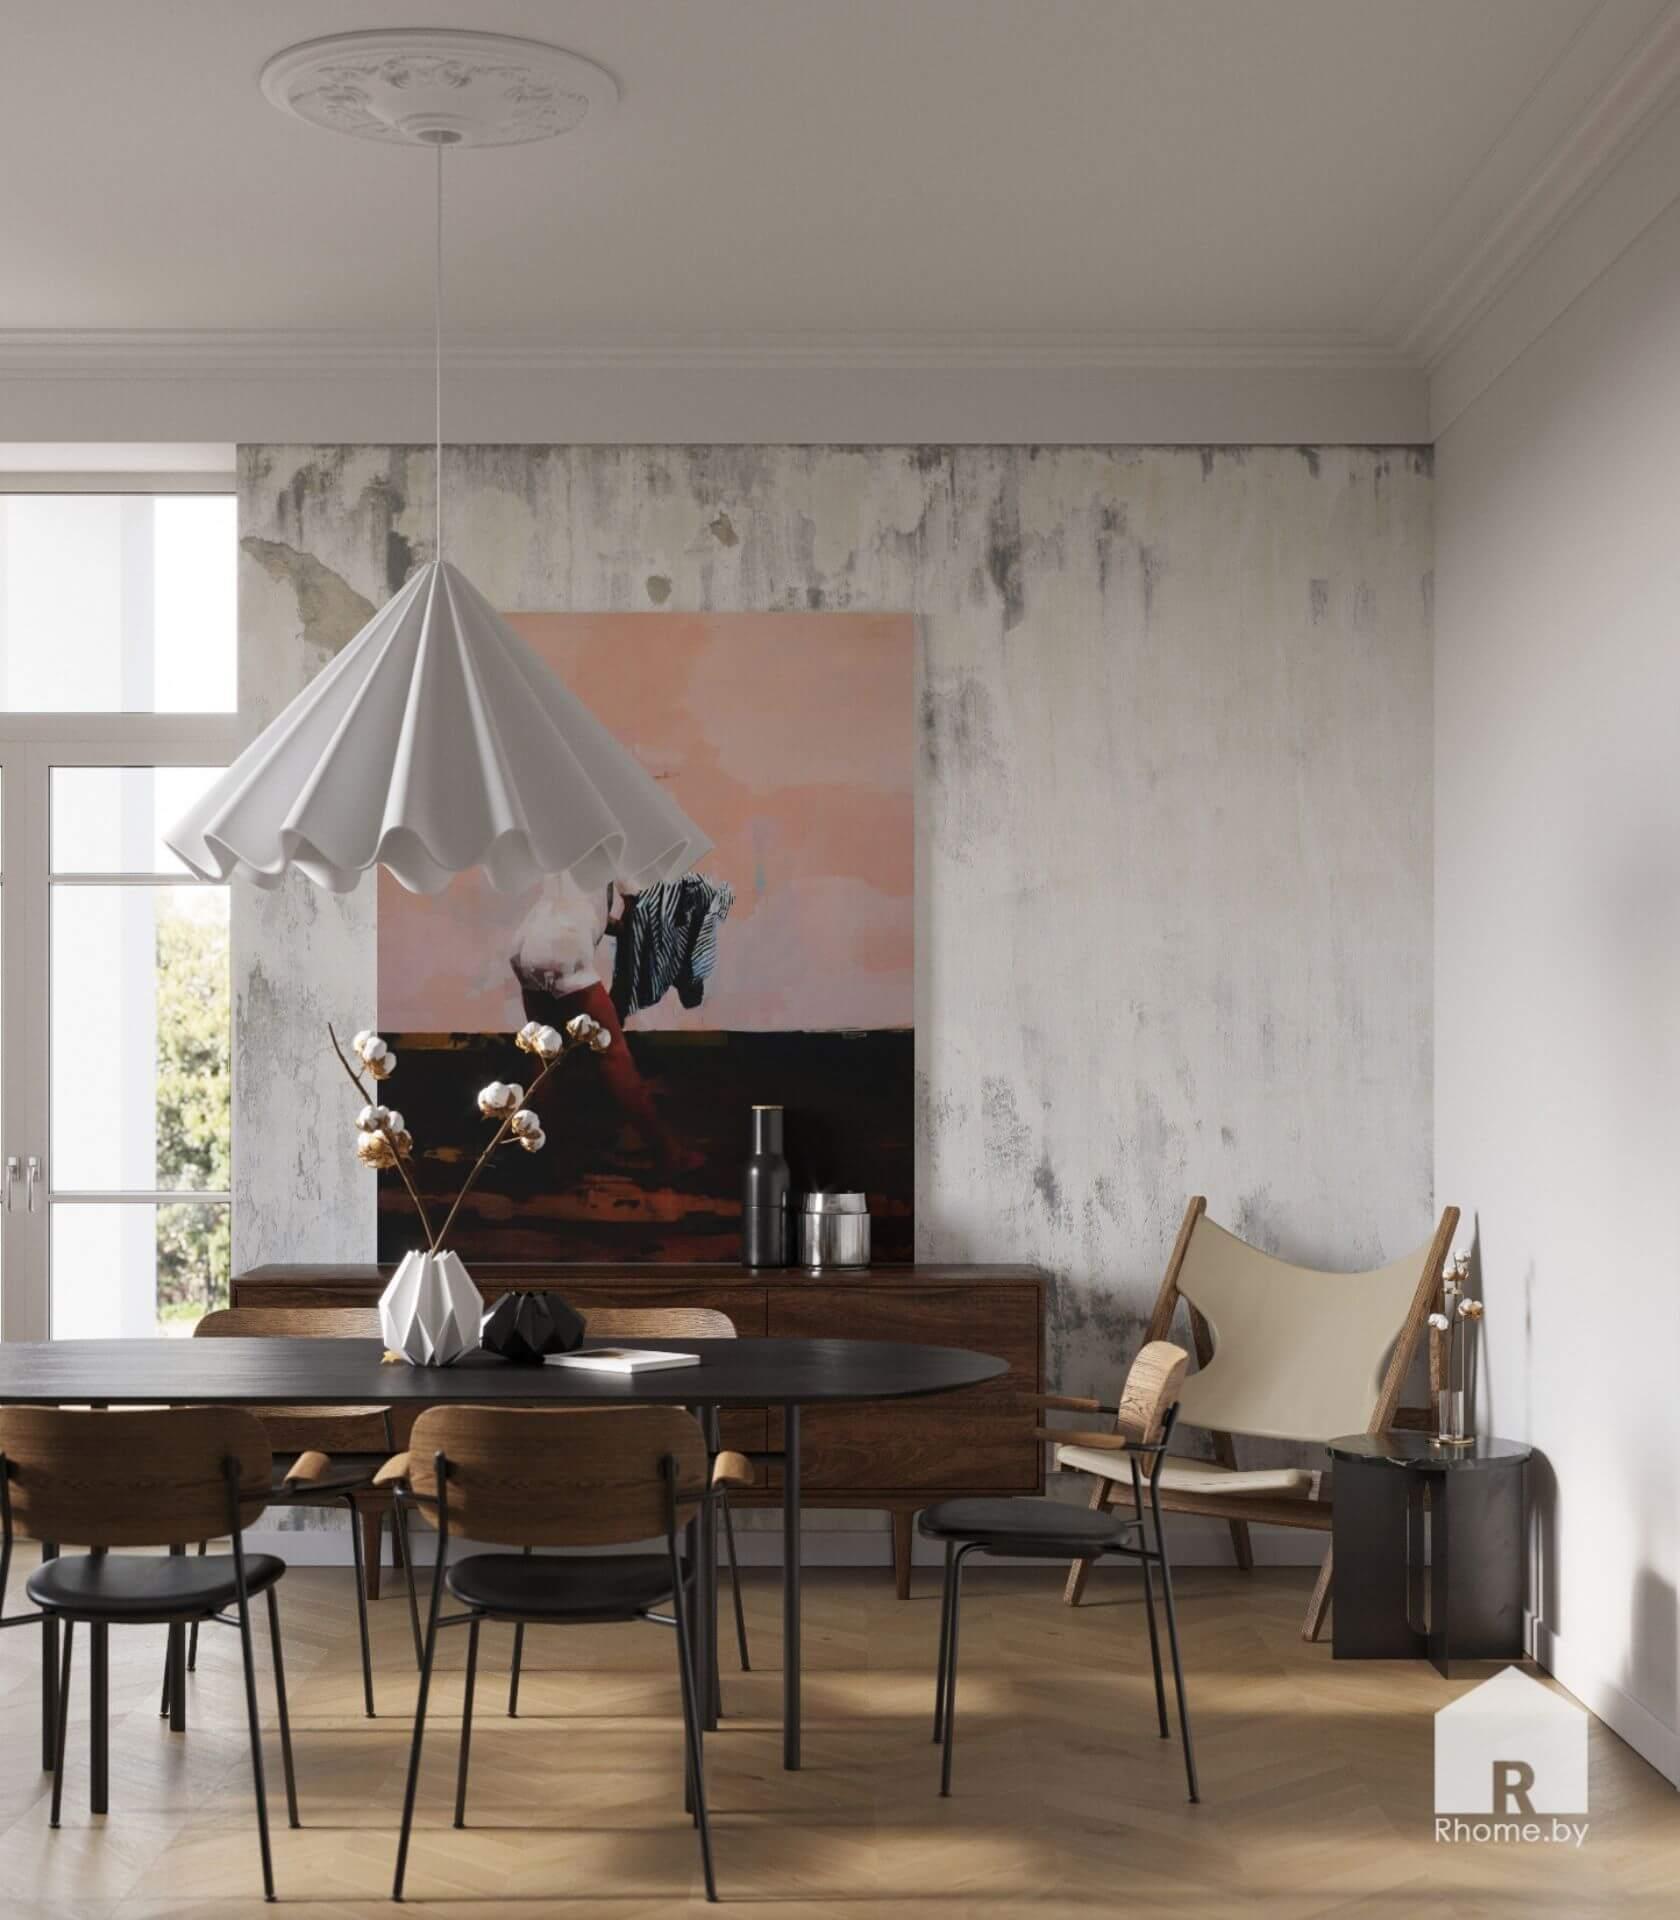 Обеденный стол с деревянными стульями стоящей у серой стены с черным стеллажом и комнатным растением.